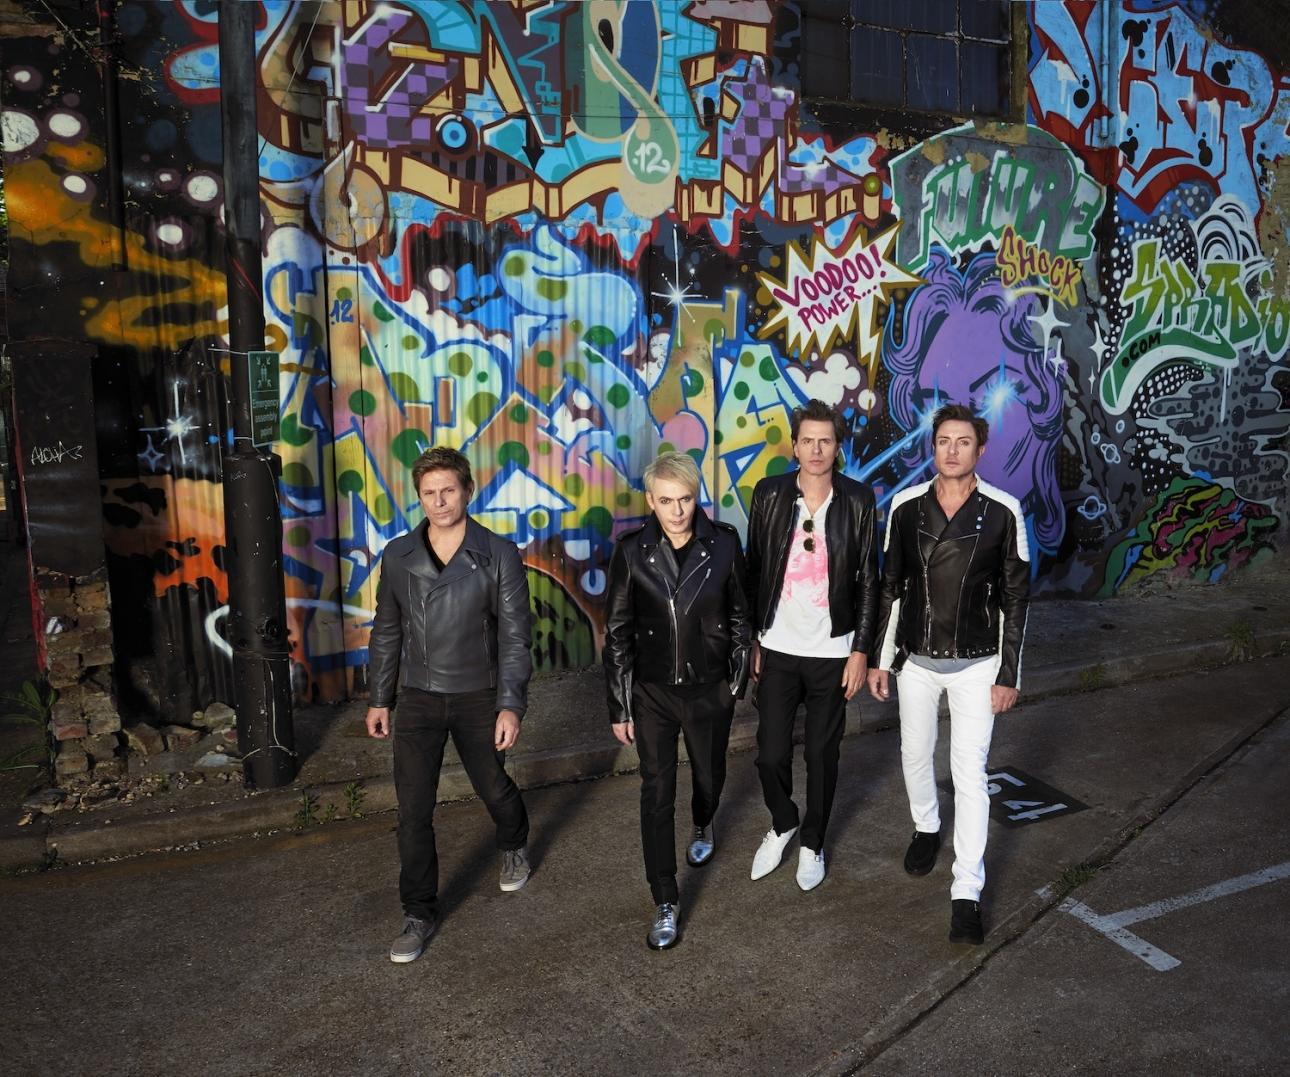 Duran Duran станет вторым хедлайнером BST Hyde Park 2021